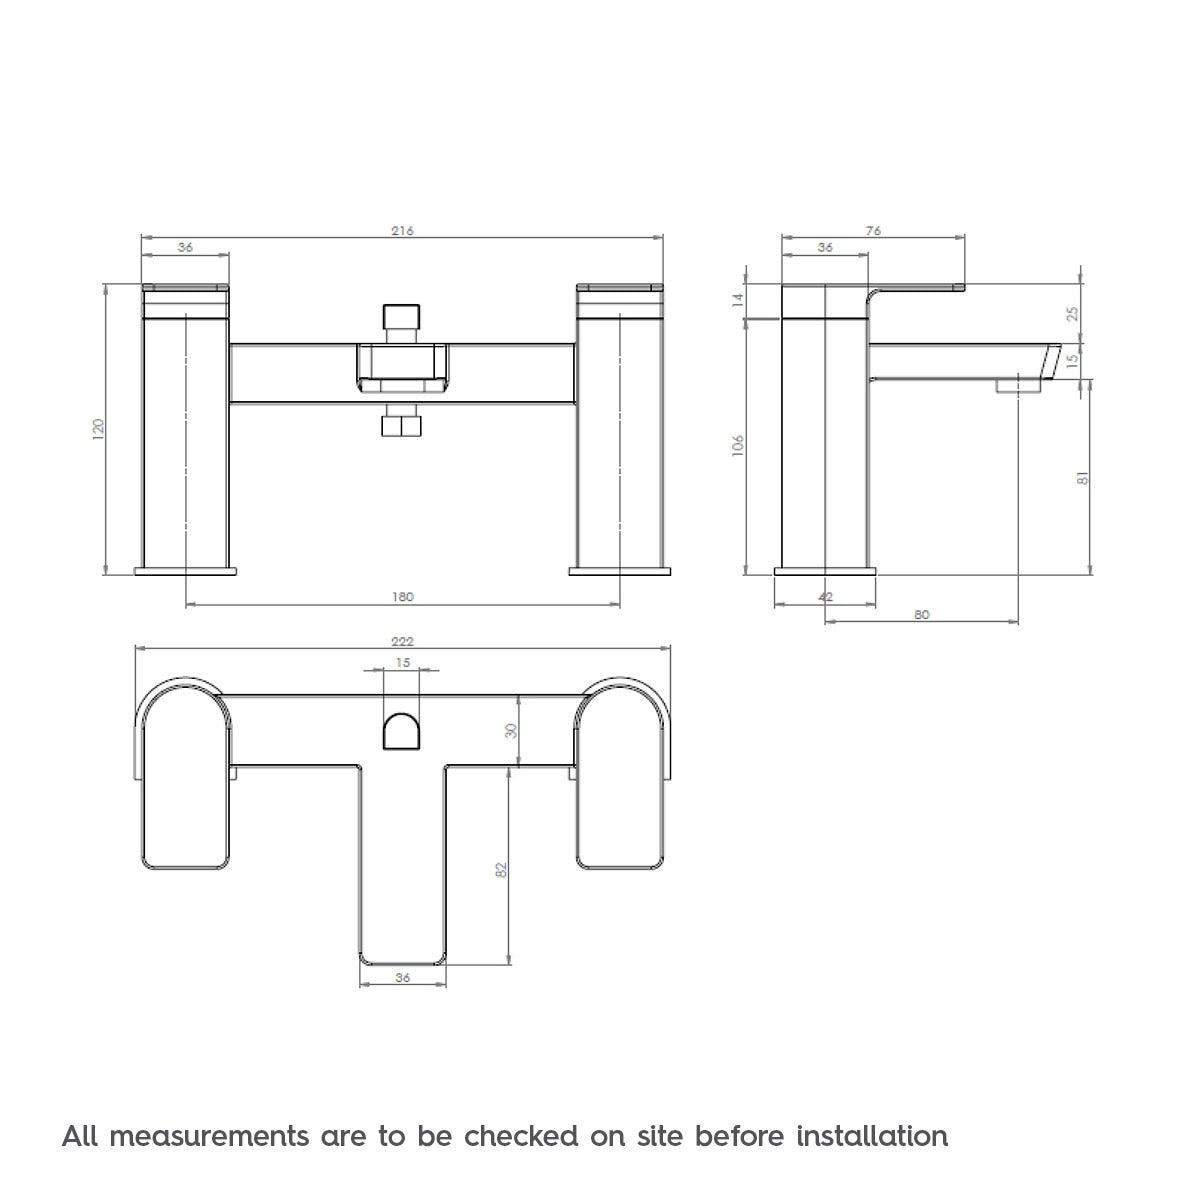 Dimensions for Mode Ellis bath shower mixer tap